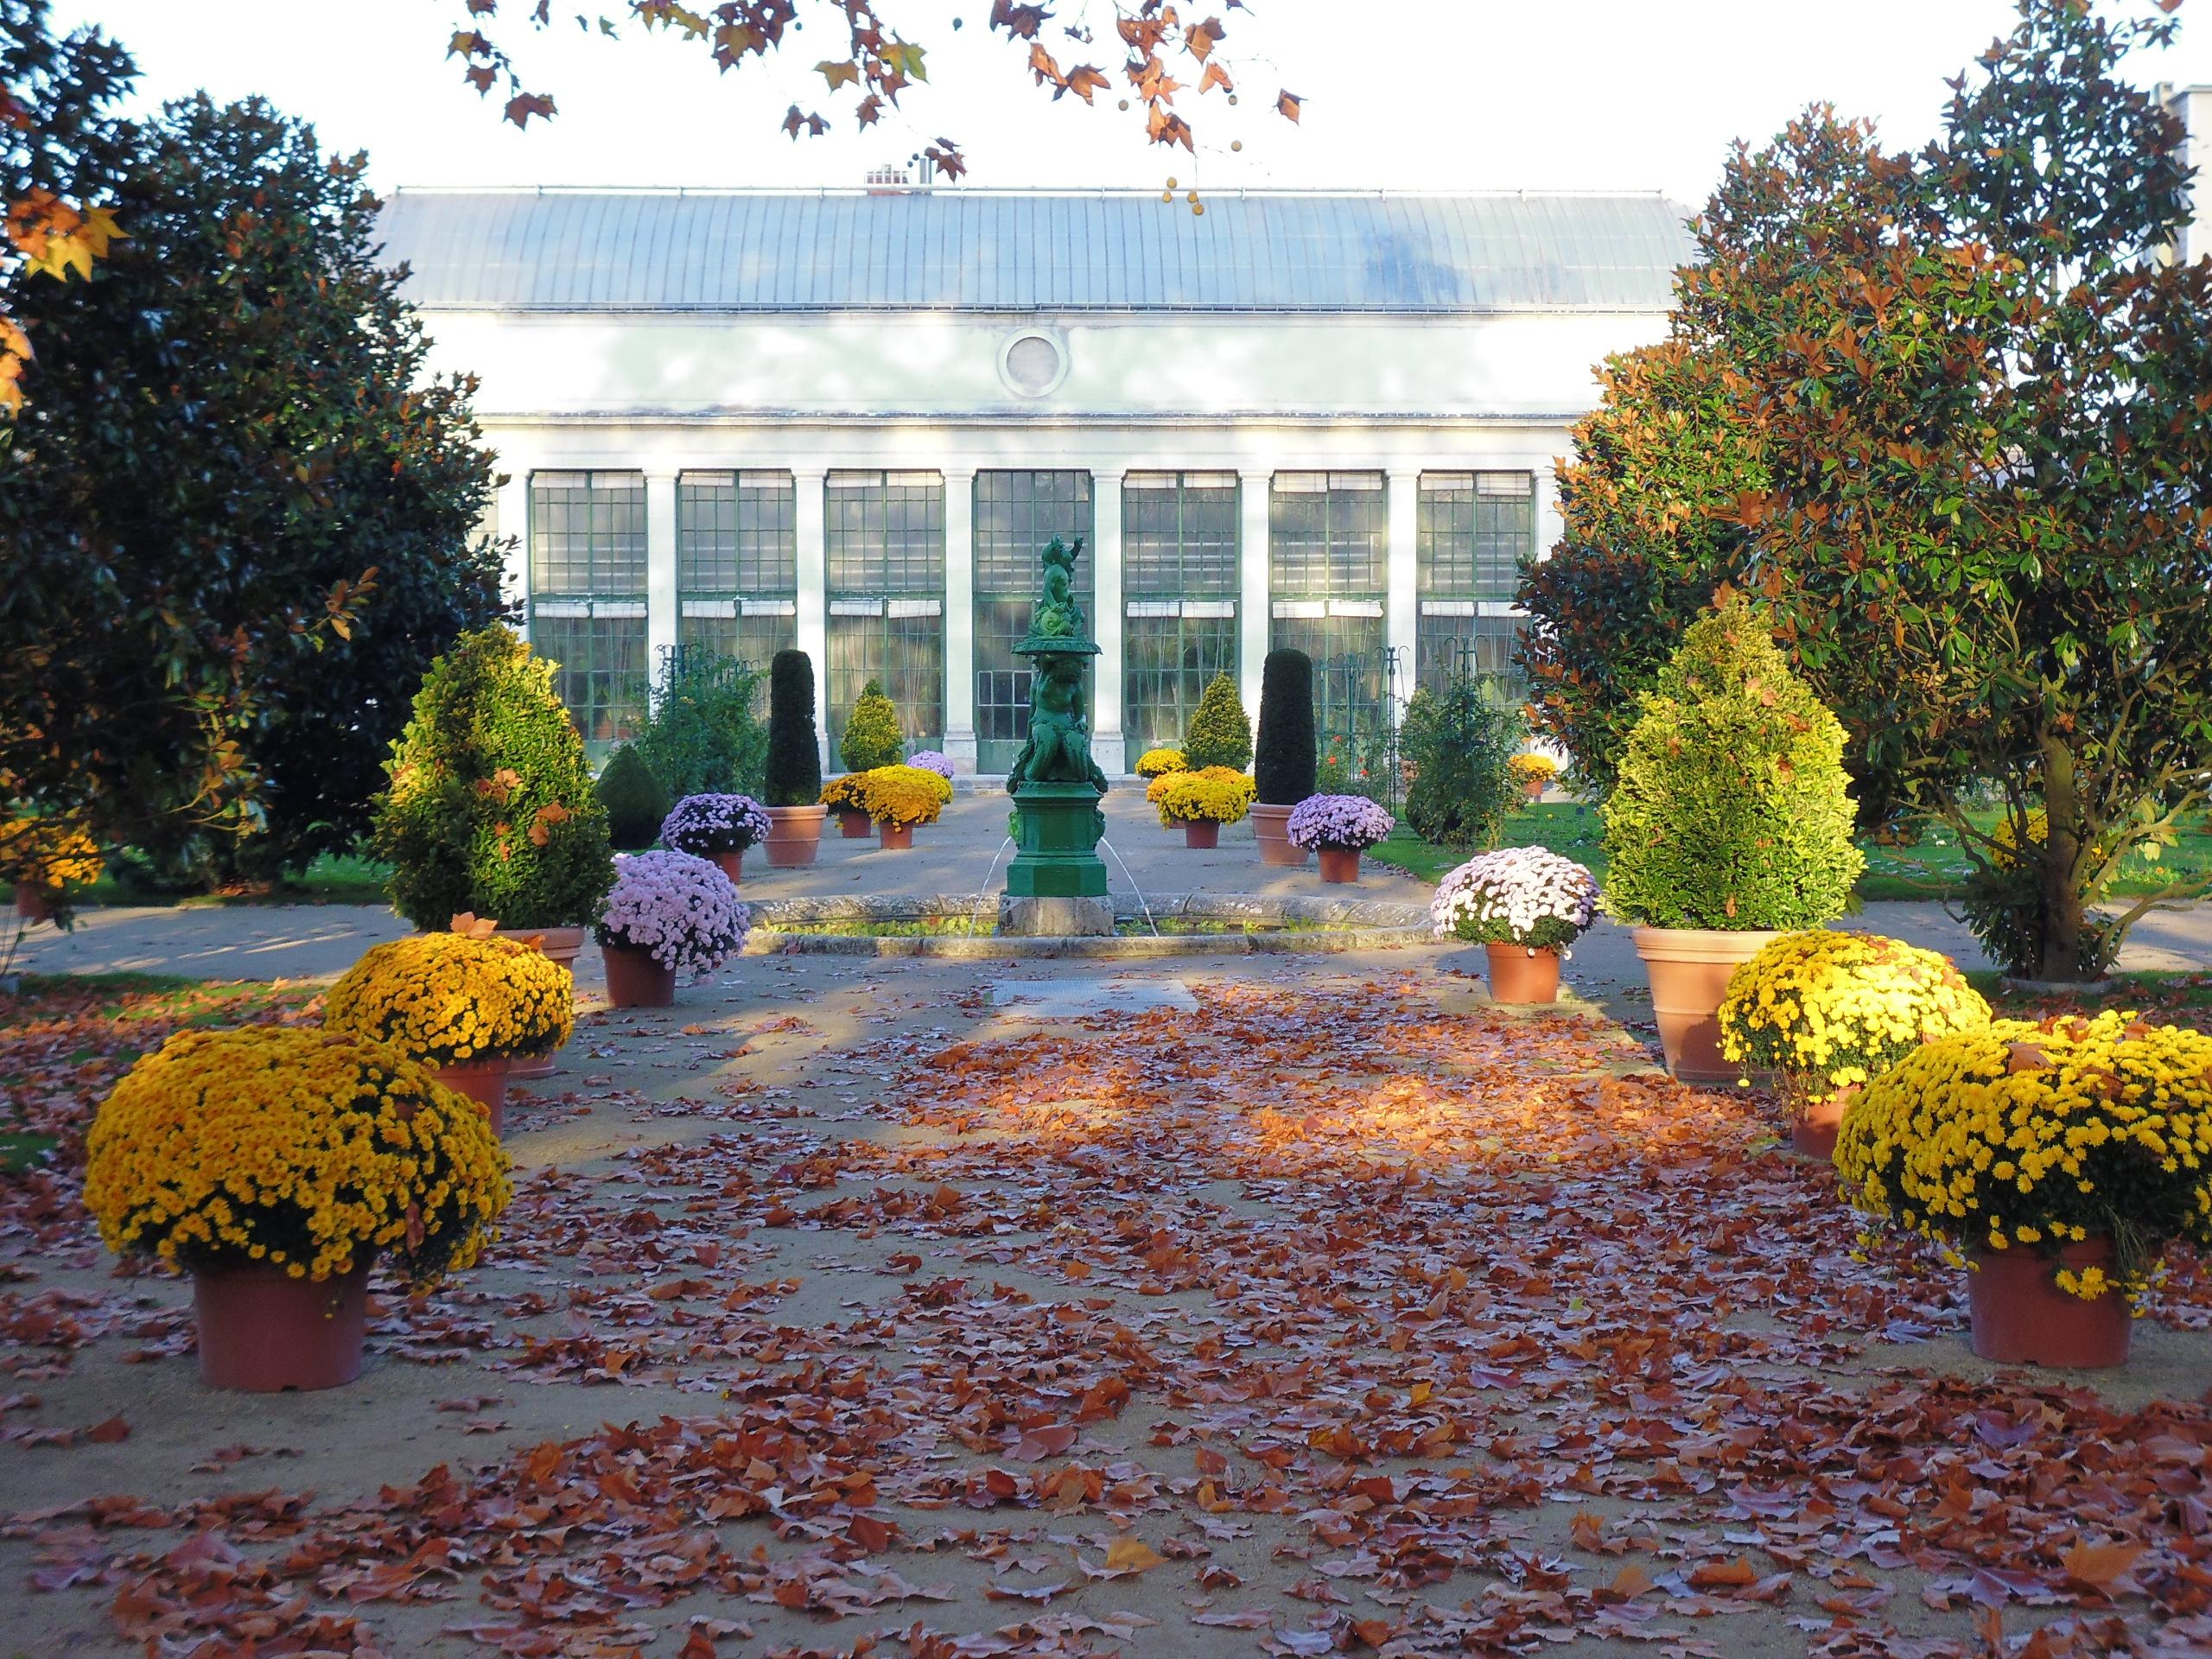 Jardin des plantes d 39 orl ans parcs et jardins en r gion - Maison jardin des plantes nantes orleans ...